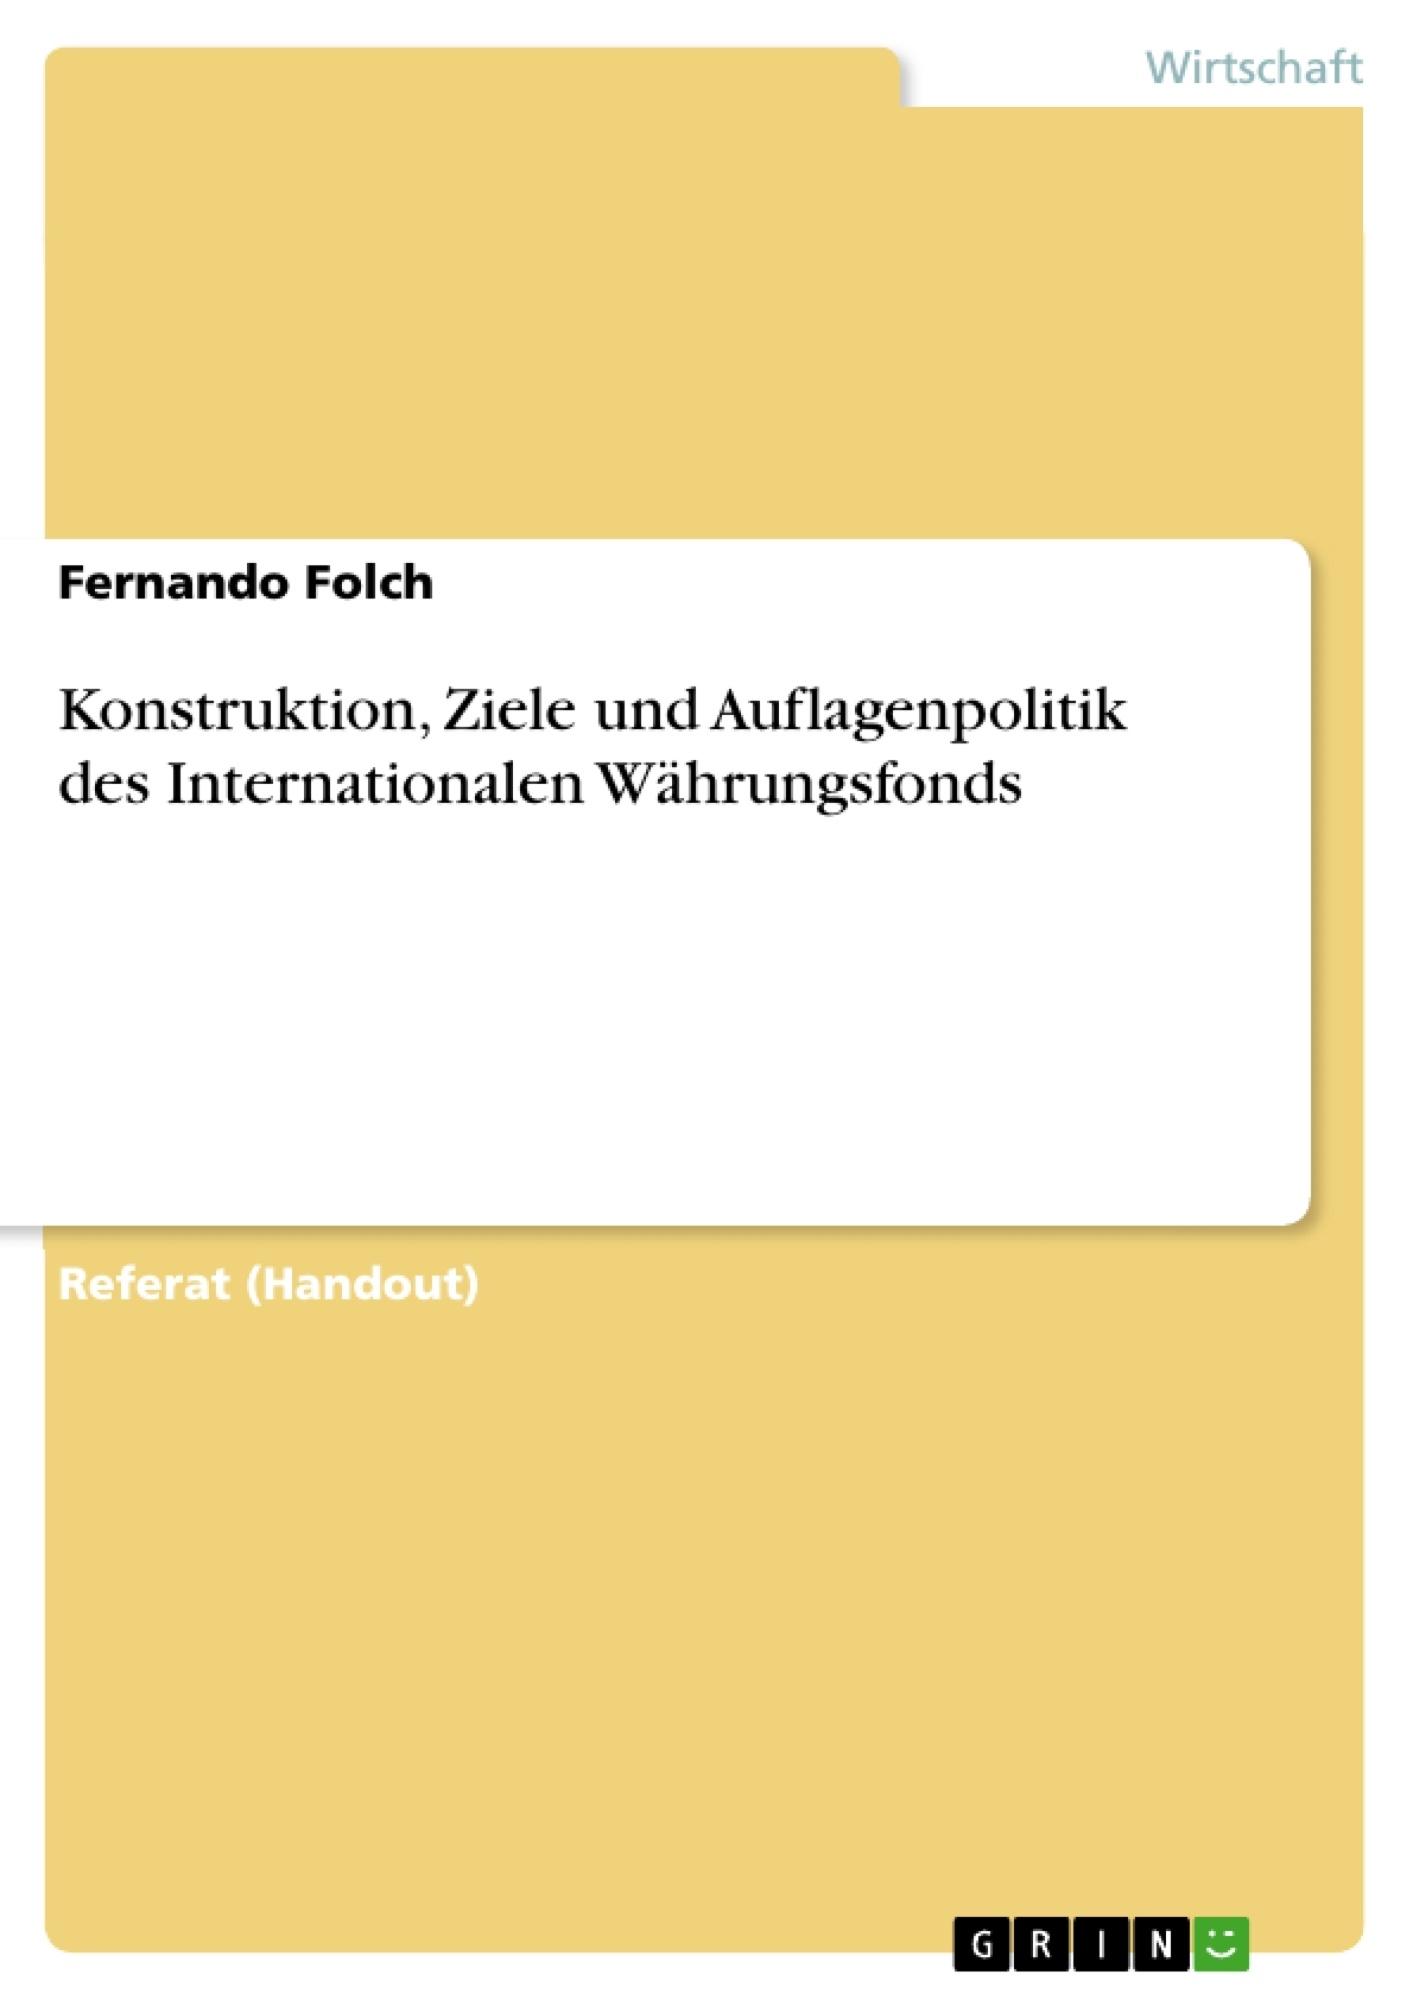 Titel: Konstruktion, Ziele und Auflagenpolitik des Internationalen Währungsfonds